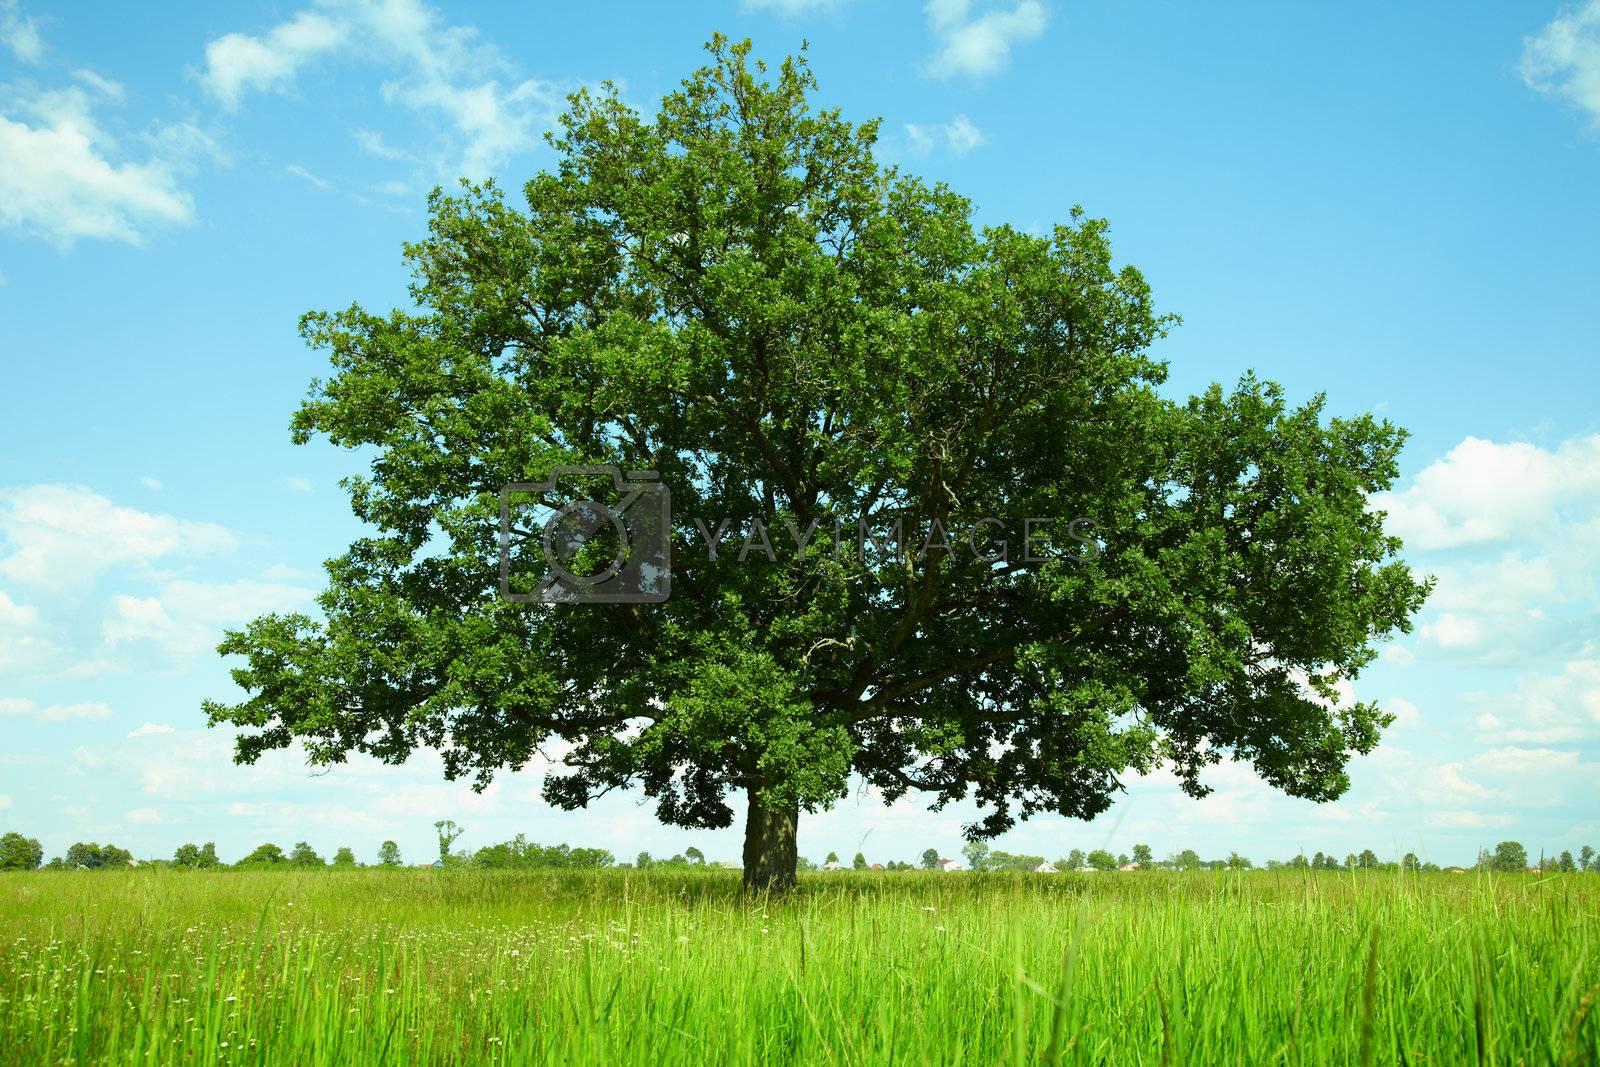 One oak tree in a field